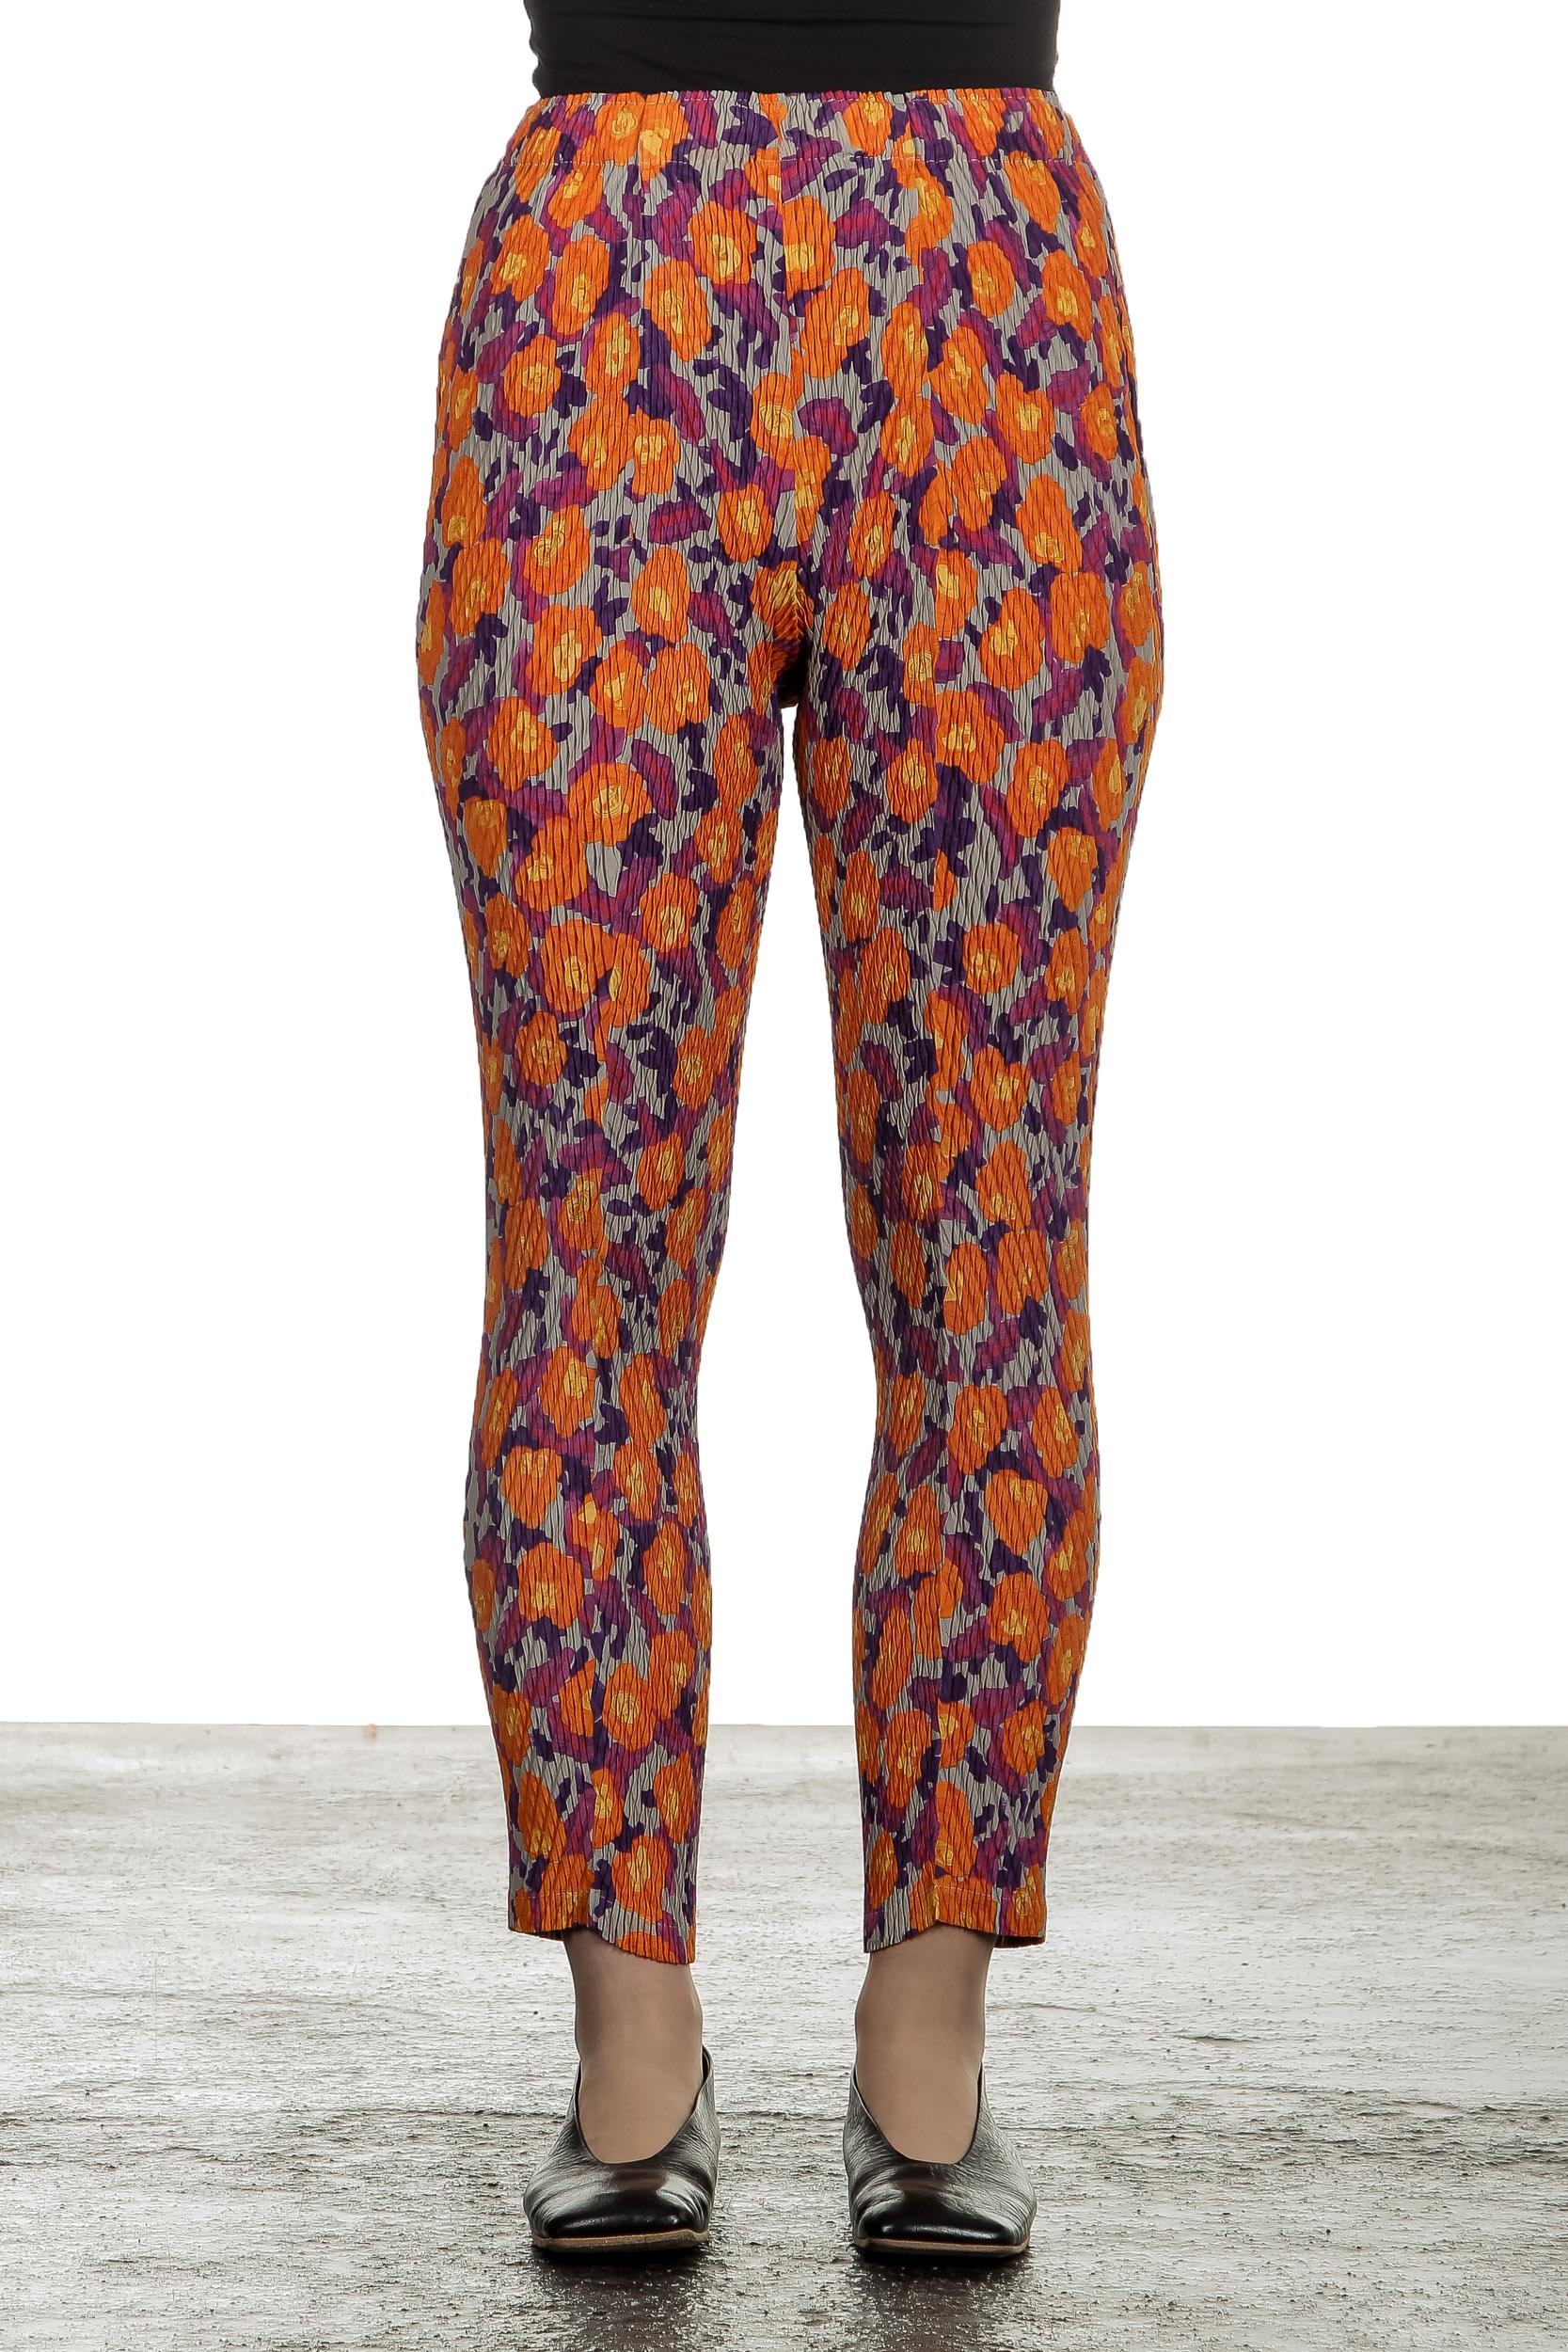 Hosen - Issey Miyake Damen Plissierte Hose mit Print mehrfarbig  - Onlineshop Luxury Loft